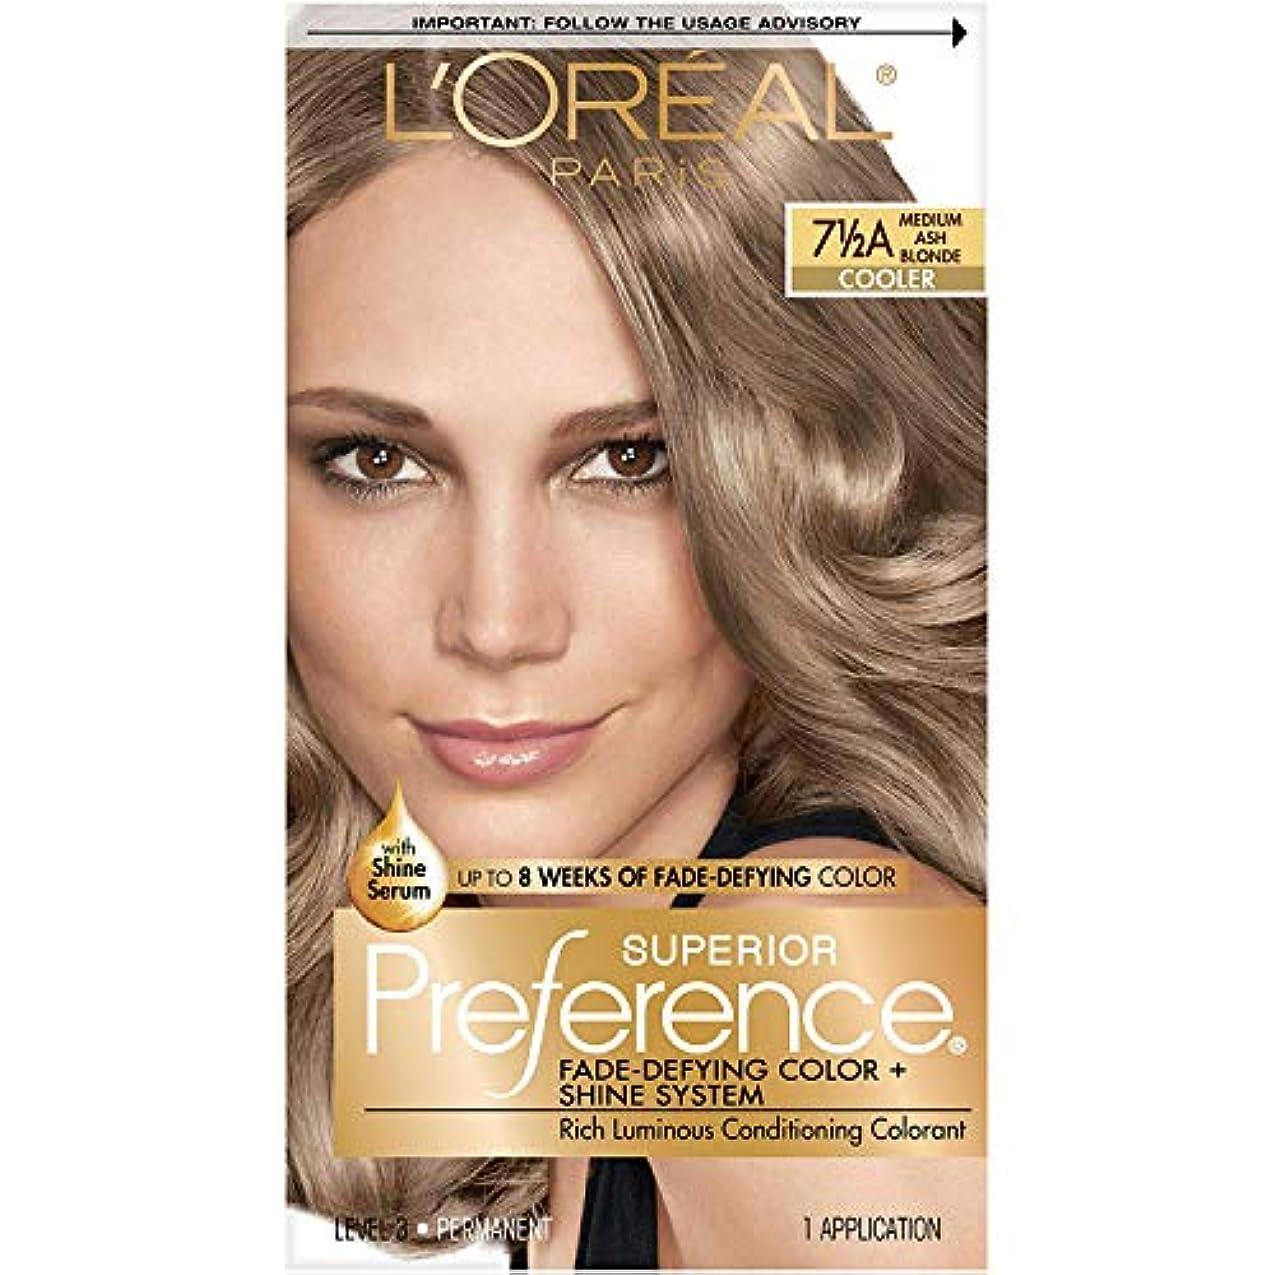 ジョージバーナード降臨呼び起こす海外直送肘 LOreal Superior Preference Hair Color Medium Ash Blonde, Medium Ash Blonde 1 each